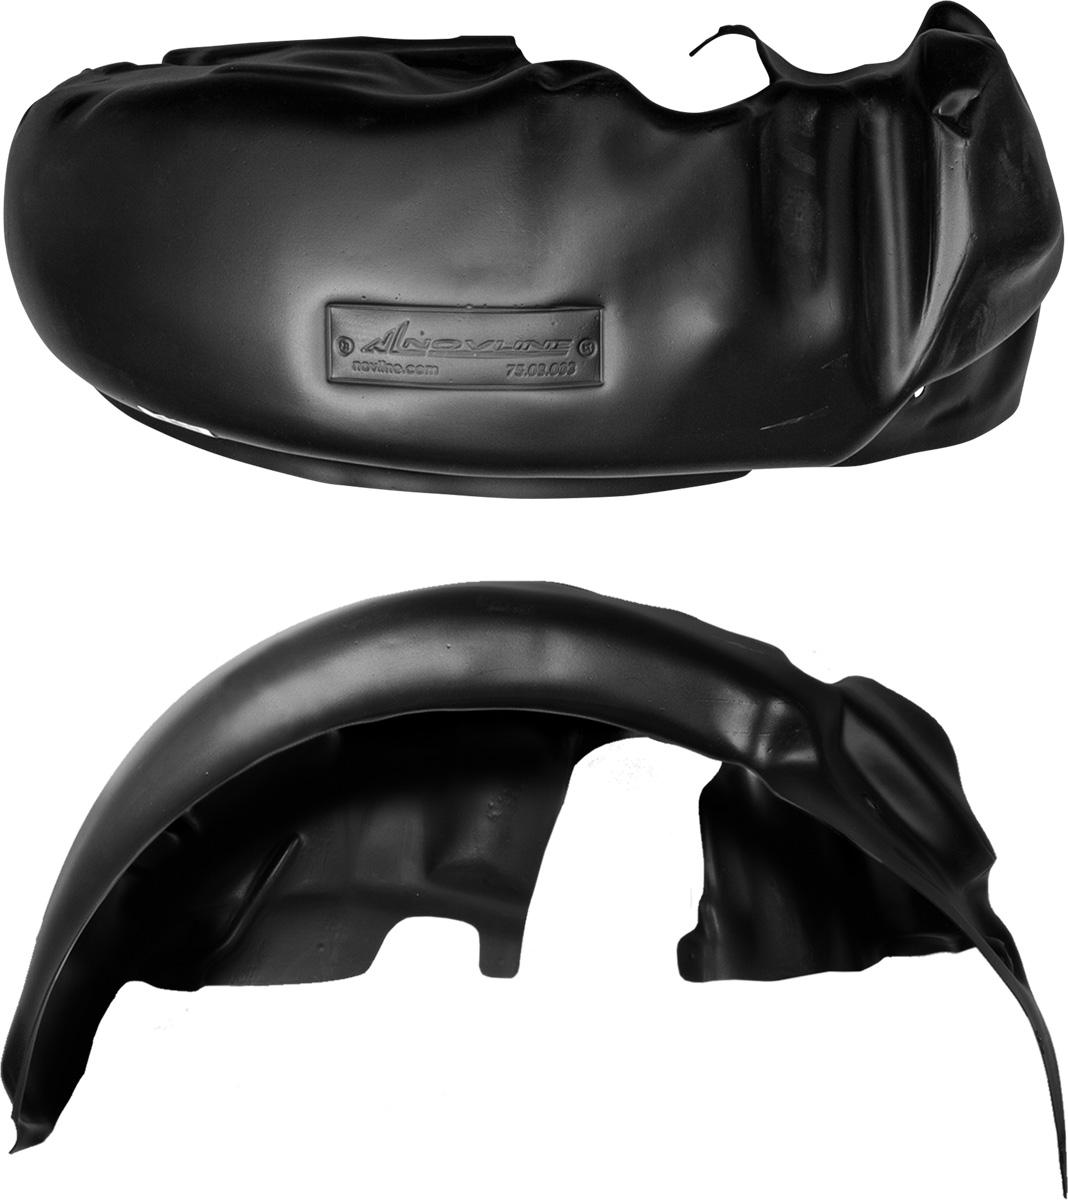 Подкрылок Novline-Autofamily, для Toyota Camry, 07/2006-2011, задний правыйNLL.48.14.004Колесные ниши - одни из самых уязвимых зон днища вашего автомобиля. Они постоянно подвергаются воздействию со стороны дороги. Лучшая, почти абсолютная защита для них - специально отформованные пластиковые кожухи, которые называются подкрылками. Производятся они как для отечественных моделей автомобилей, так и для иномарок. Подкрылки Novline-Autofamily выполнены из высококачественного, экологически чистого пластика. Обеспечивают надежную защиту кузова автомобиля от пескоструйного эффекта и негативного влияния, агрессивных антигололедных реагентов. Пластик обладает более низкой теплопроводностью, чем металл, поэтому в зимний период эксплуатации использование пластиковых подкрылков позволяет лучше защитить колесные ниши от налипания снега и образования наледи. Оригинальность конструкции подчеркивает элегантность автомобиля, бережно защищает нанесенное на днище кузова антикоррозийное покрытие и позволяет осуществить крепление подкрылков внутри колесной арки практически без дополнительного крепежа и сверления, не нарушая при этом лакокрасочного покрытия, что предотвращает возникновение новых очагов коррозии. Подкрылки долговечны, обладают высокой прочностью и сохраняют заданную форму, а также все свои физико-механические характеристики в самых тяжелых климатических условиях (от -50°С до +50°С).Уважаемые клиенты!Обращаем ваше внимание, на тот факт, что подкрылок имеет форму, соответствующую модели данного автомобиля. Фото служит для визуального восприятия товара.